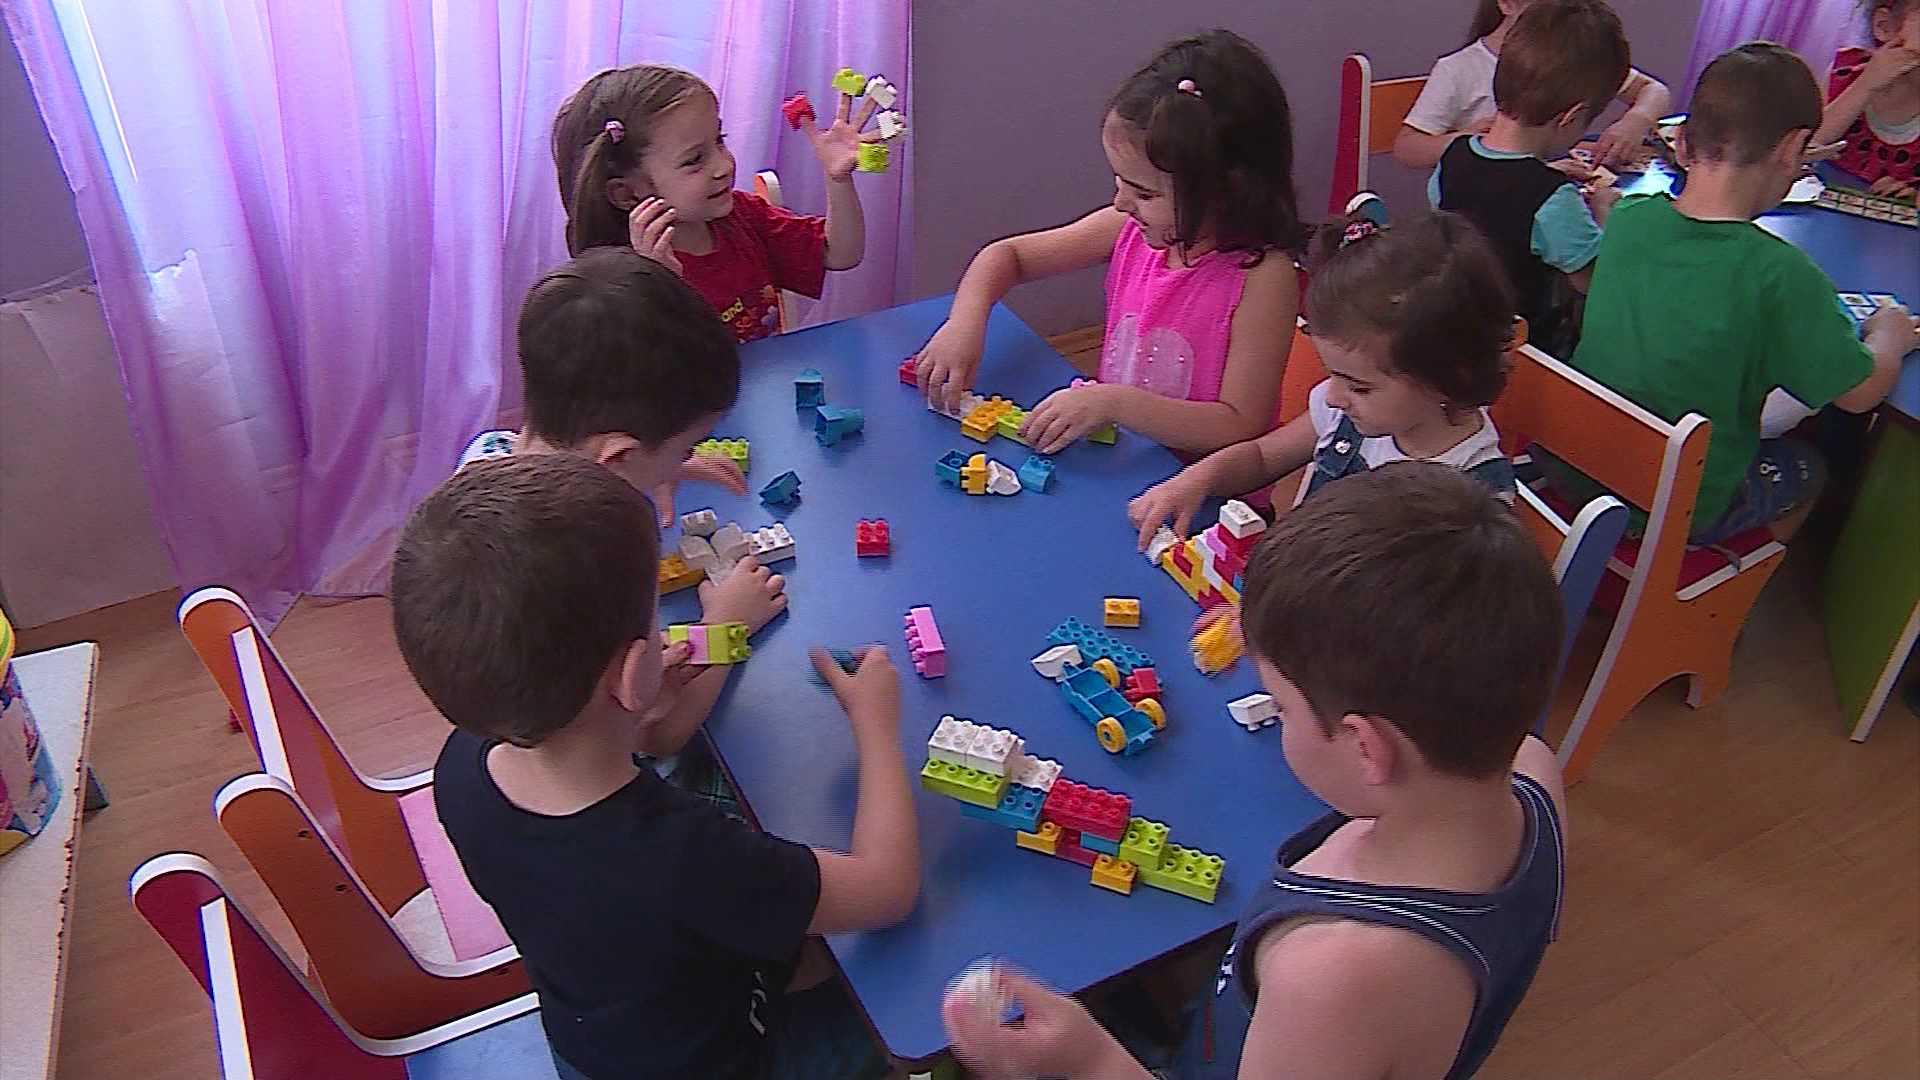 საბავშვო ბაღები ქედაში - რა შეიცვლება ივლისიდან სექტემბრამდე?